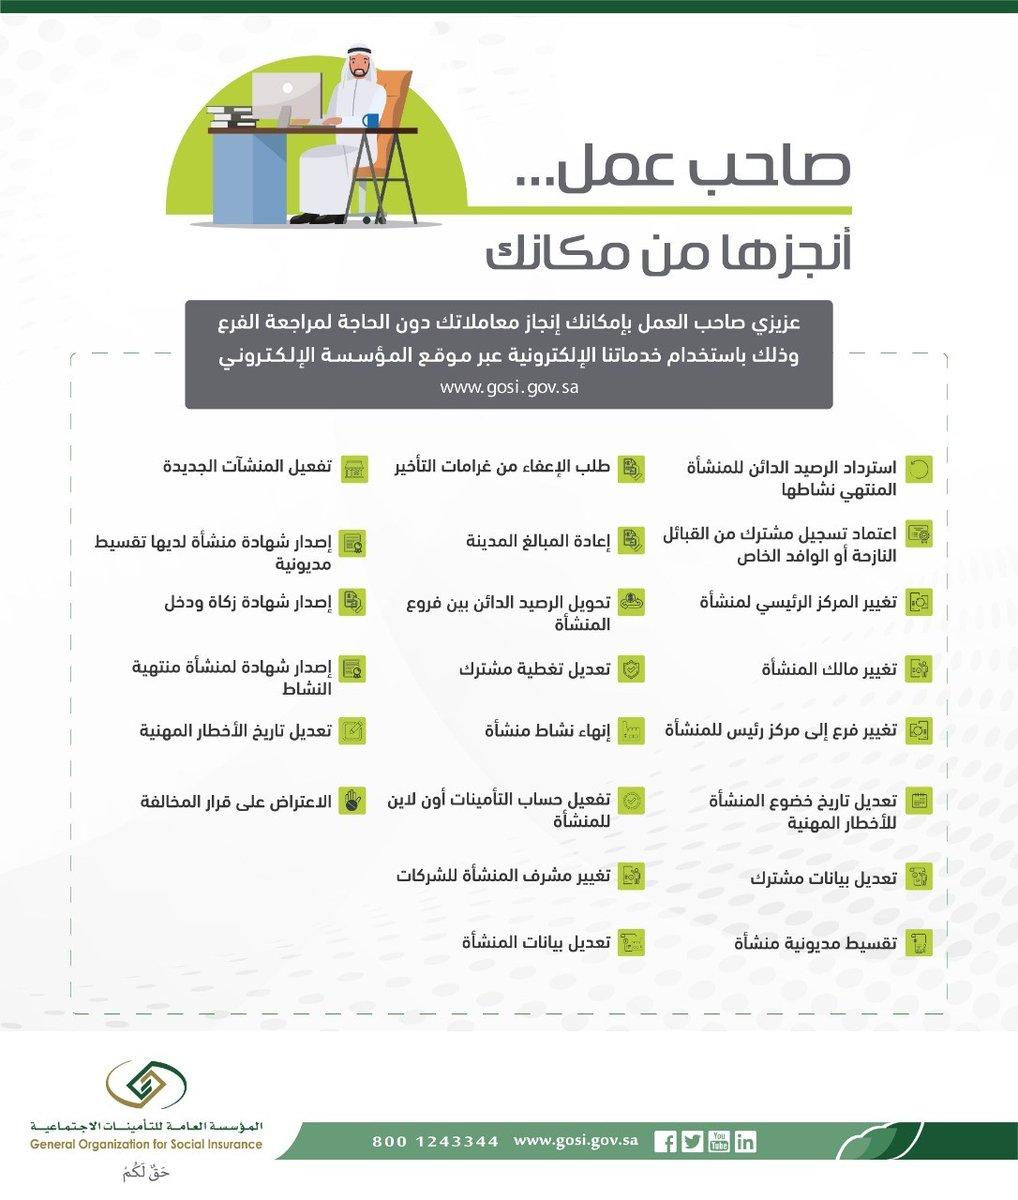 التأمينات الاجتماعية Saudigosi Twitter